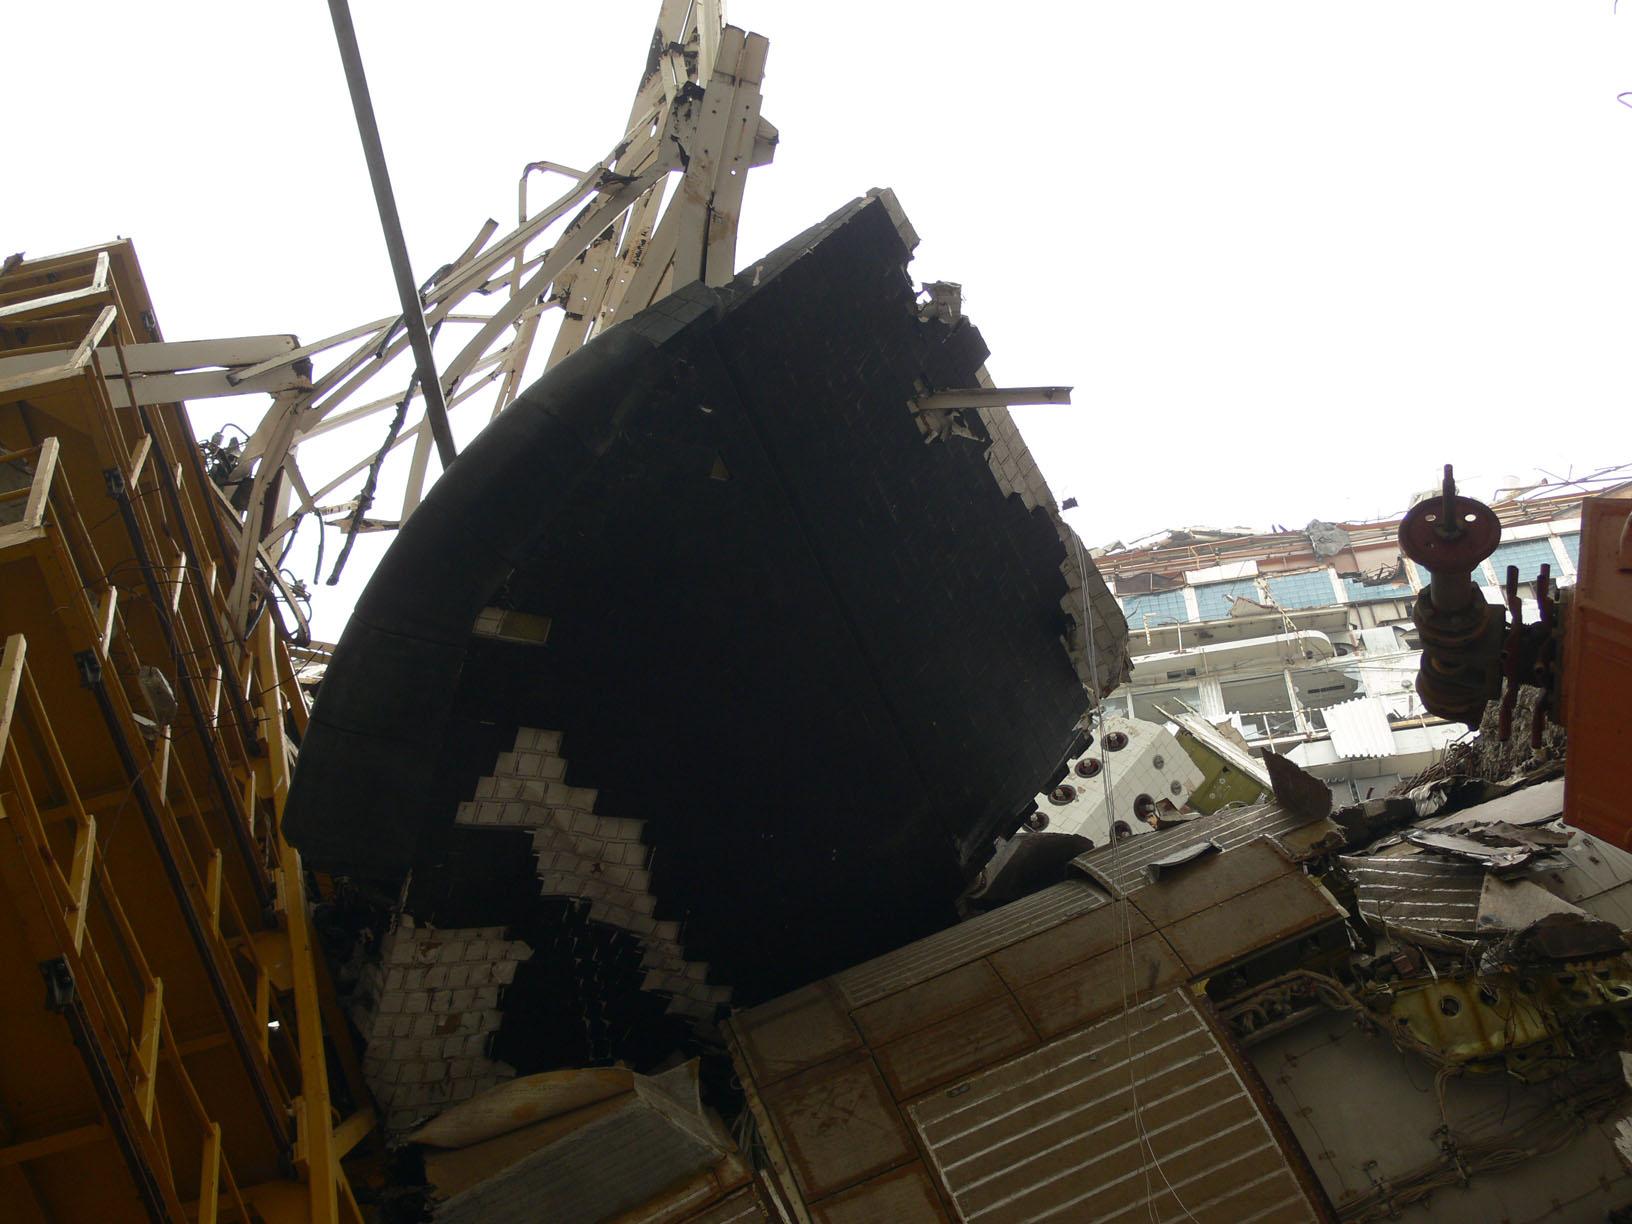 navette spatiale russe buran destruction toit 2002 04 Buran, la navette spatiale Russe